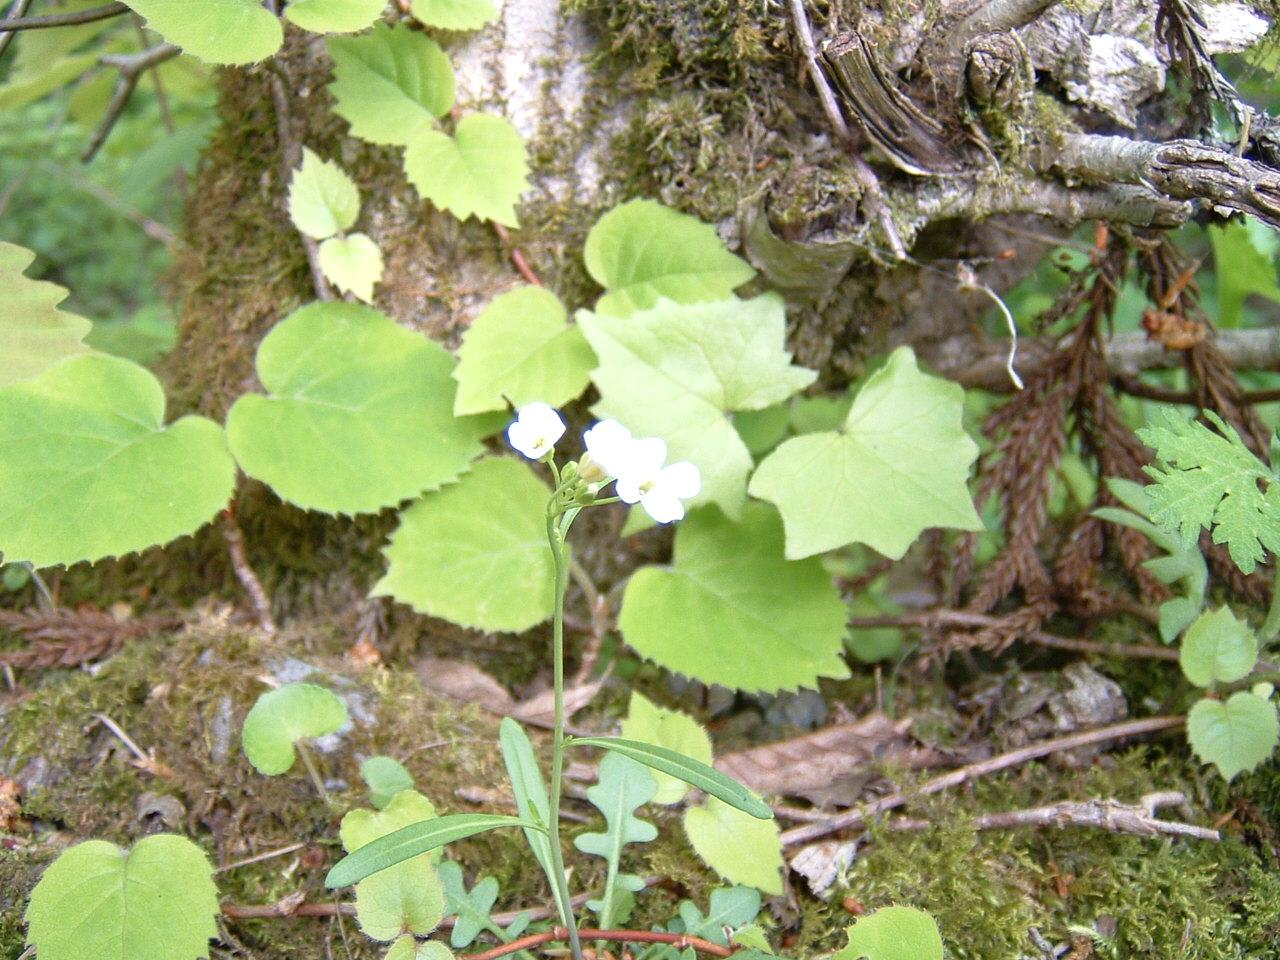 鳥取県大山寺周辺の植物   by (岡田)_c0239329_146955.jpg